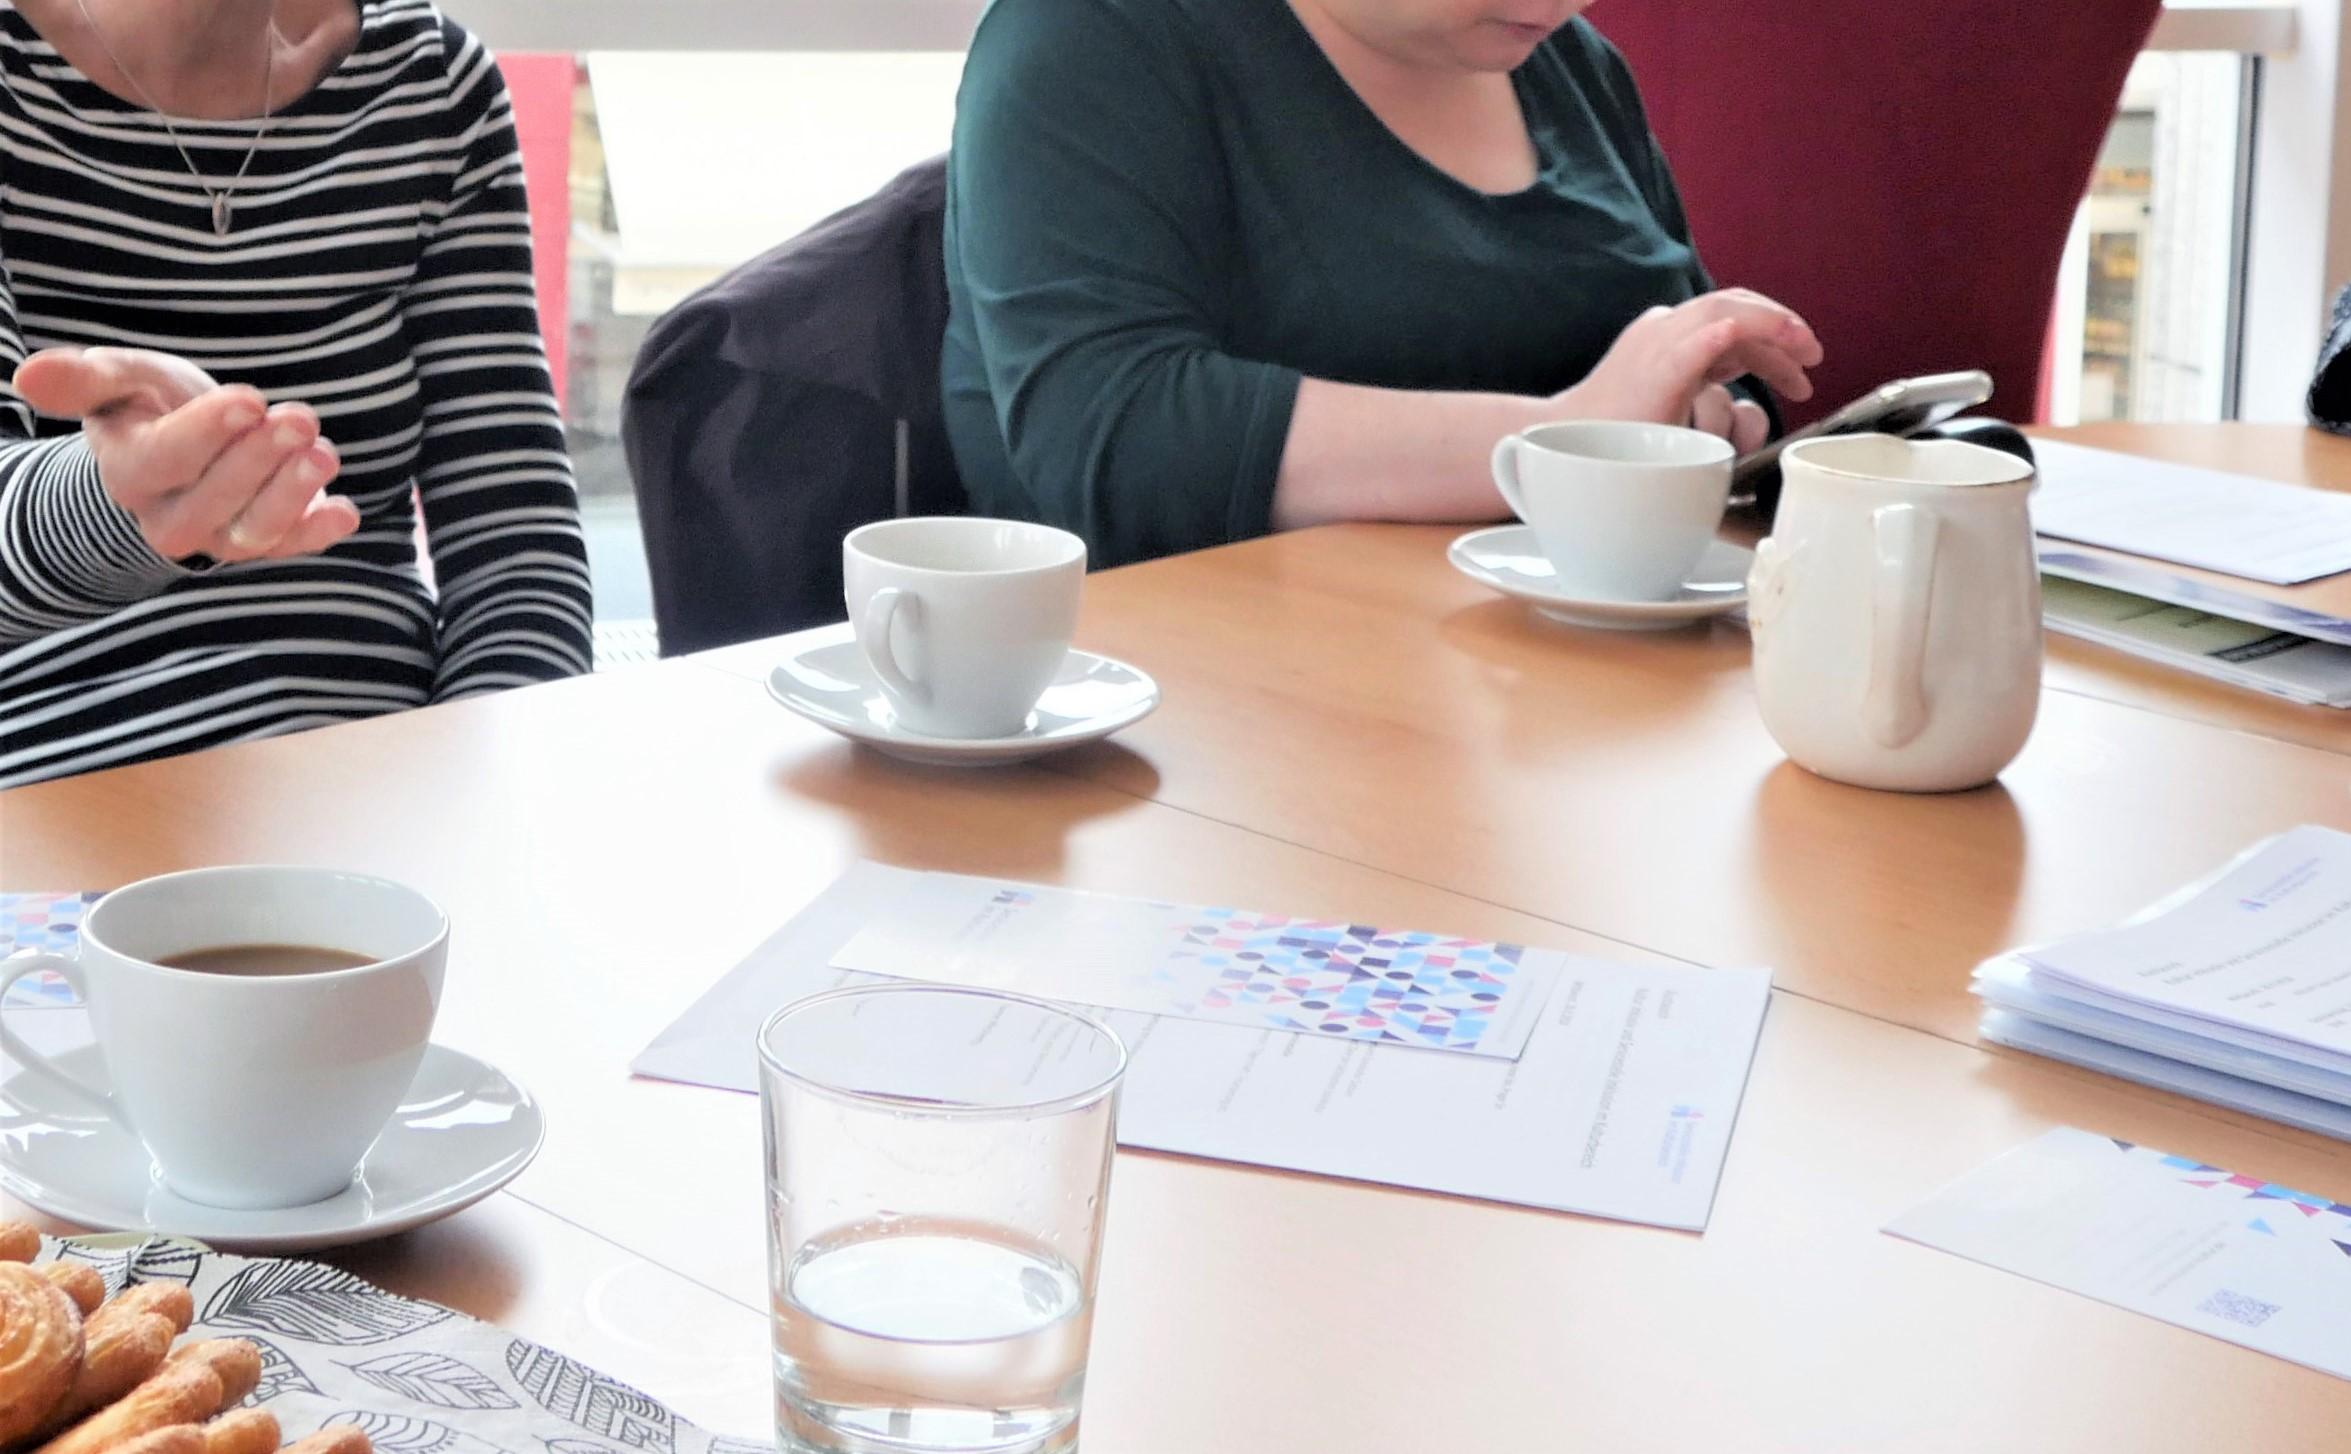 Ein Tisch. darauf einige Kaffeetassen und Schreibzeug. Um den Tisch herum sitzen zwei Personen. Es sind nur ihre Arme und Hände zu sehen.